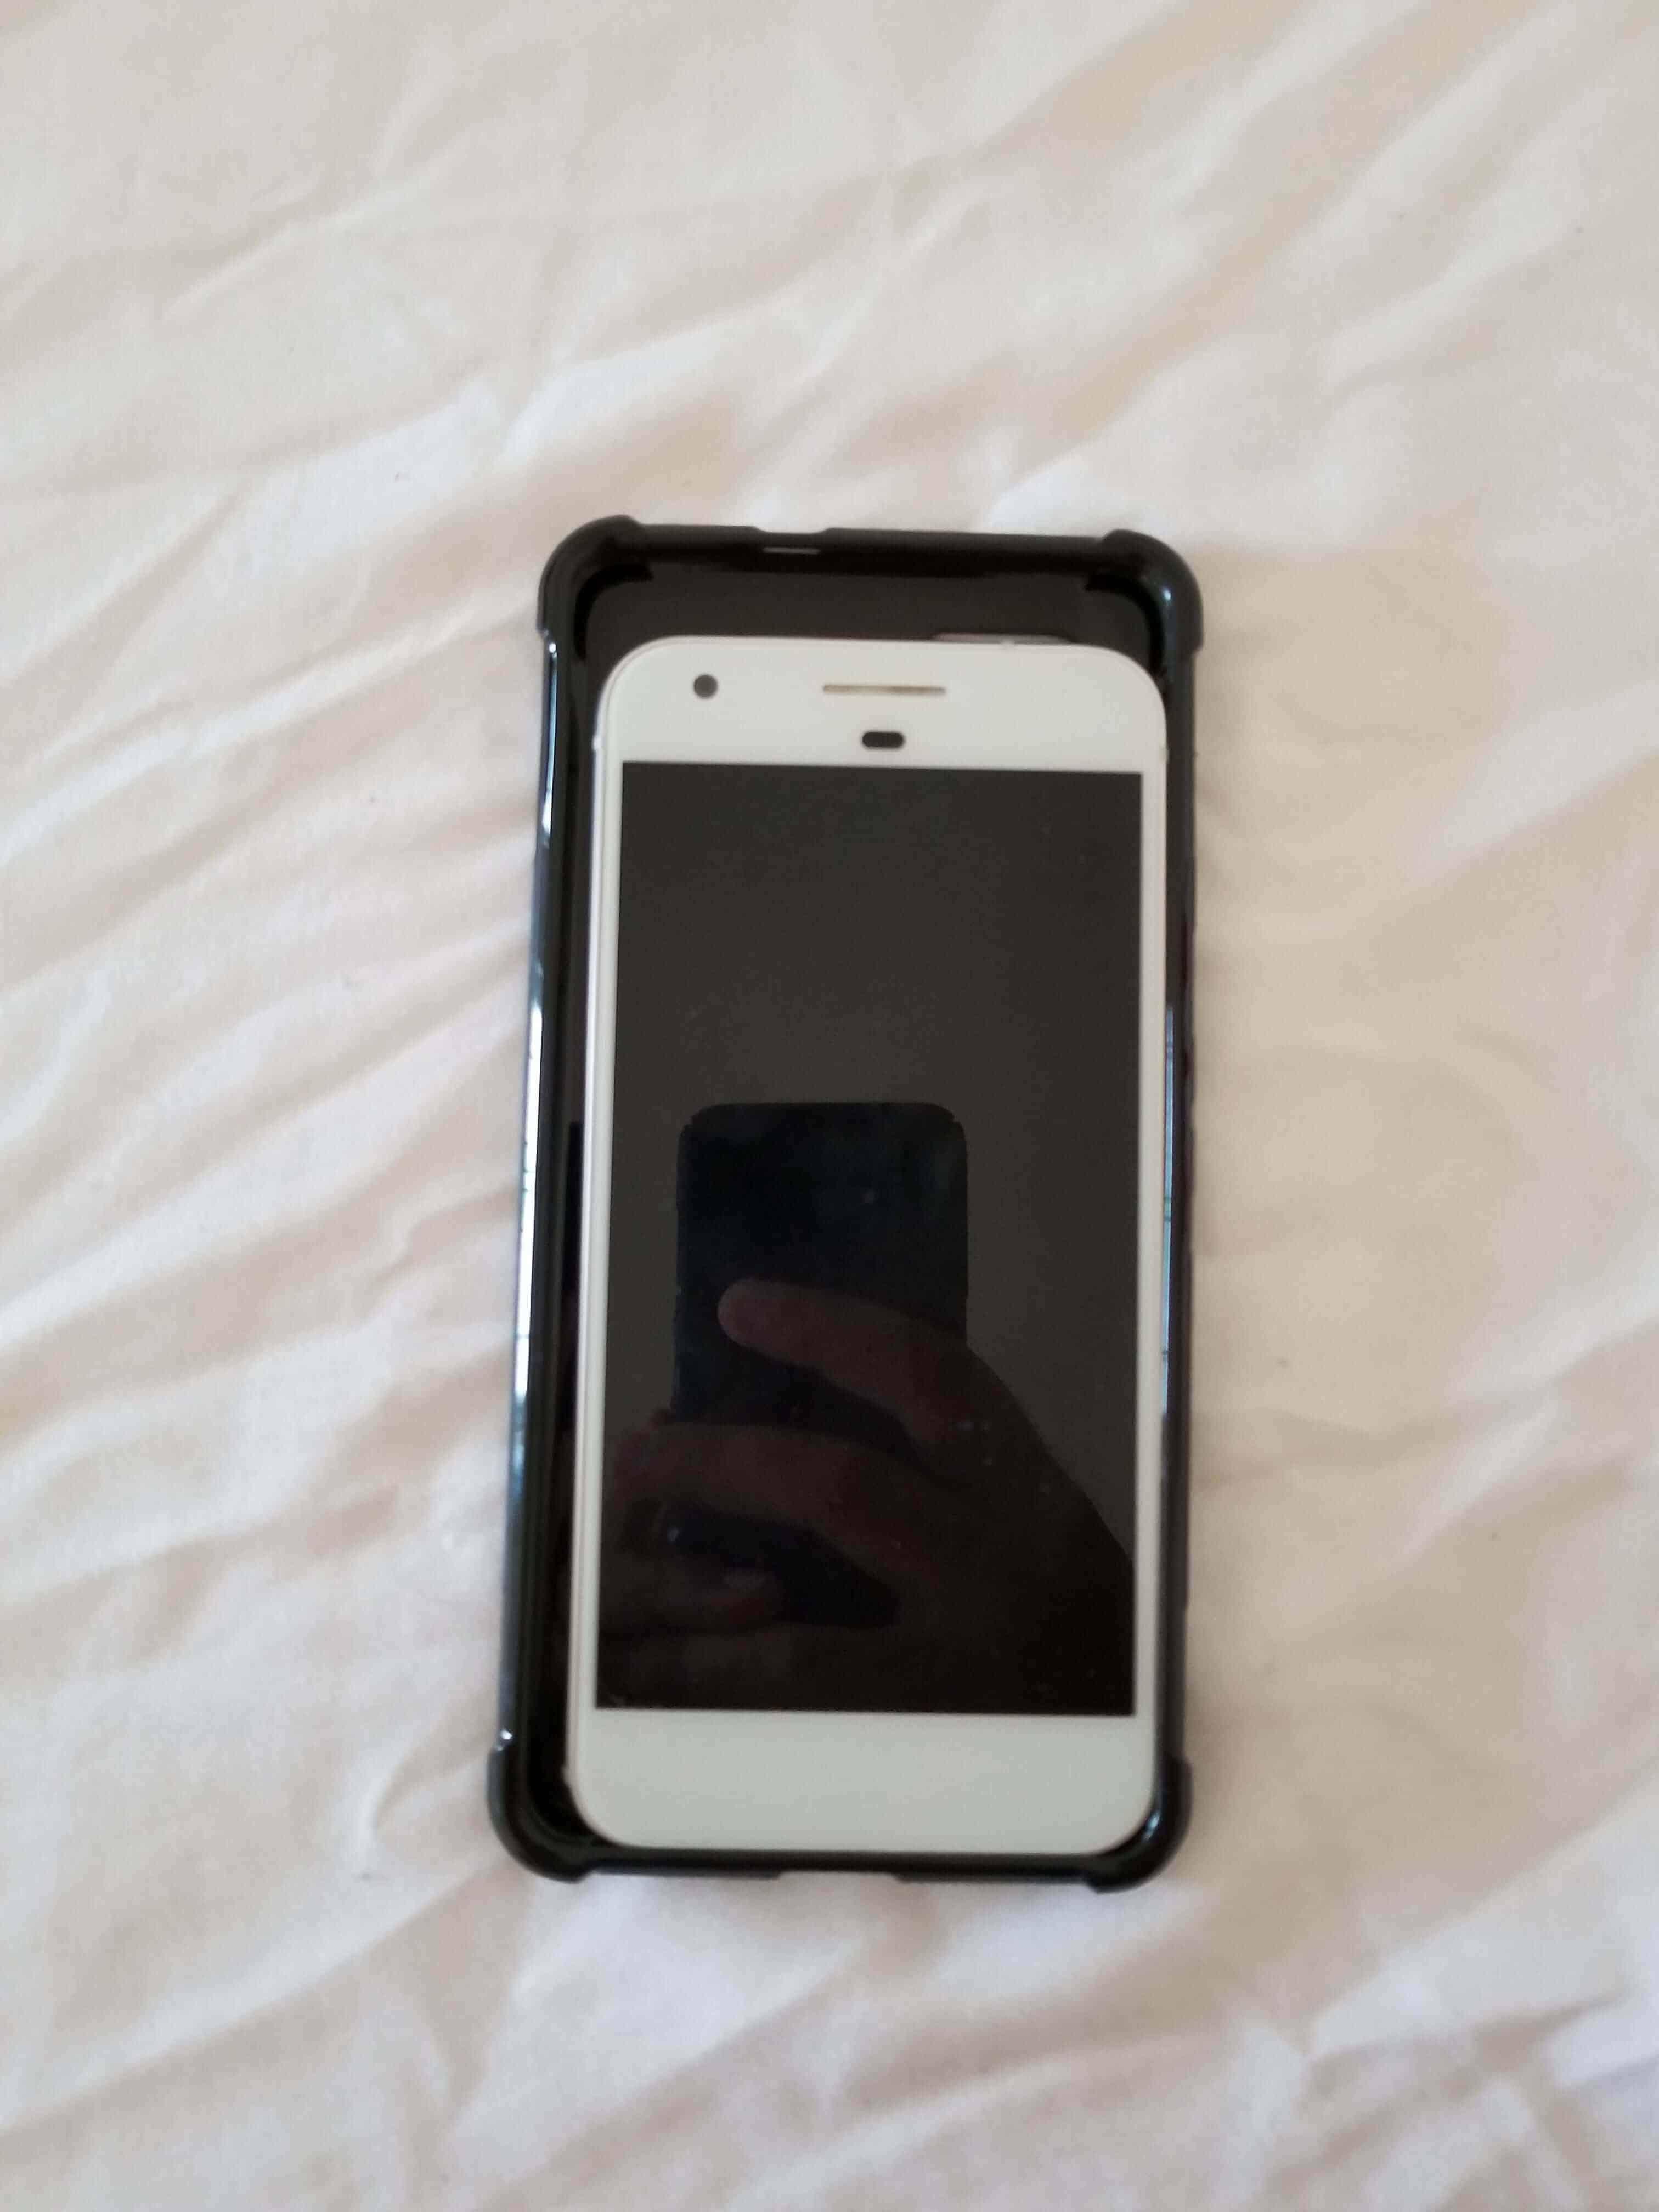 Pixel XL 2 Case Size Comparison Imgur Leak 9